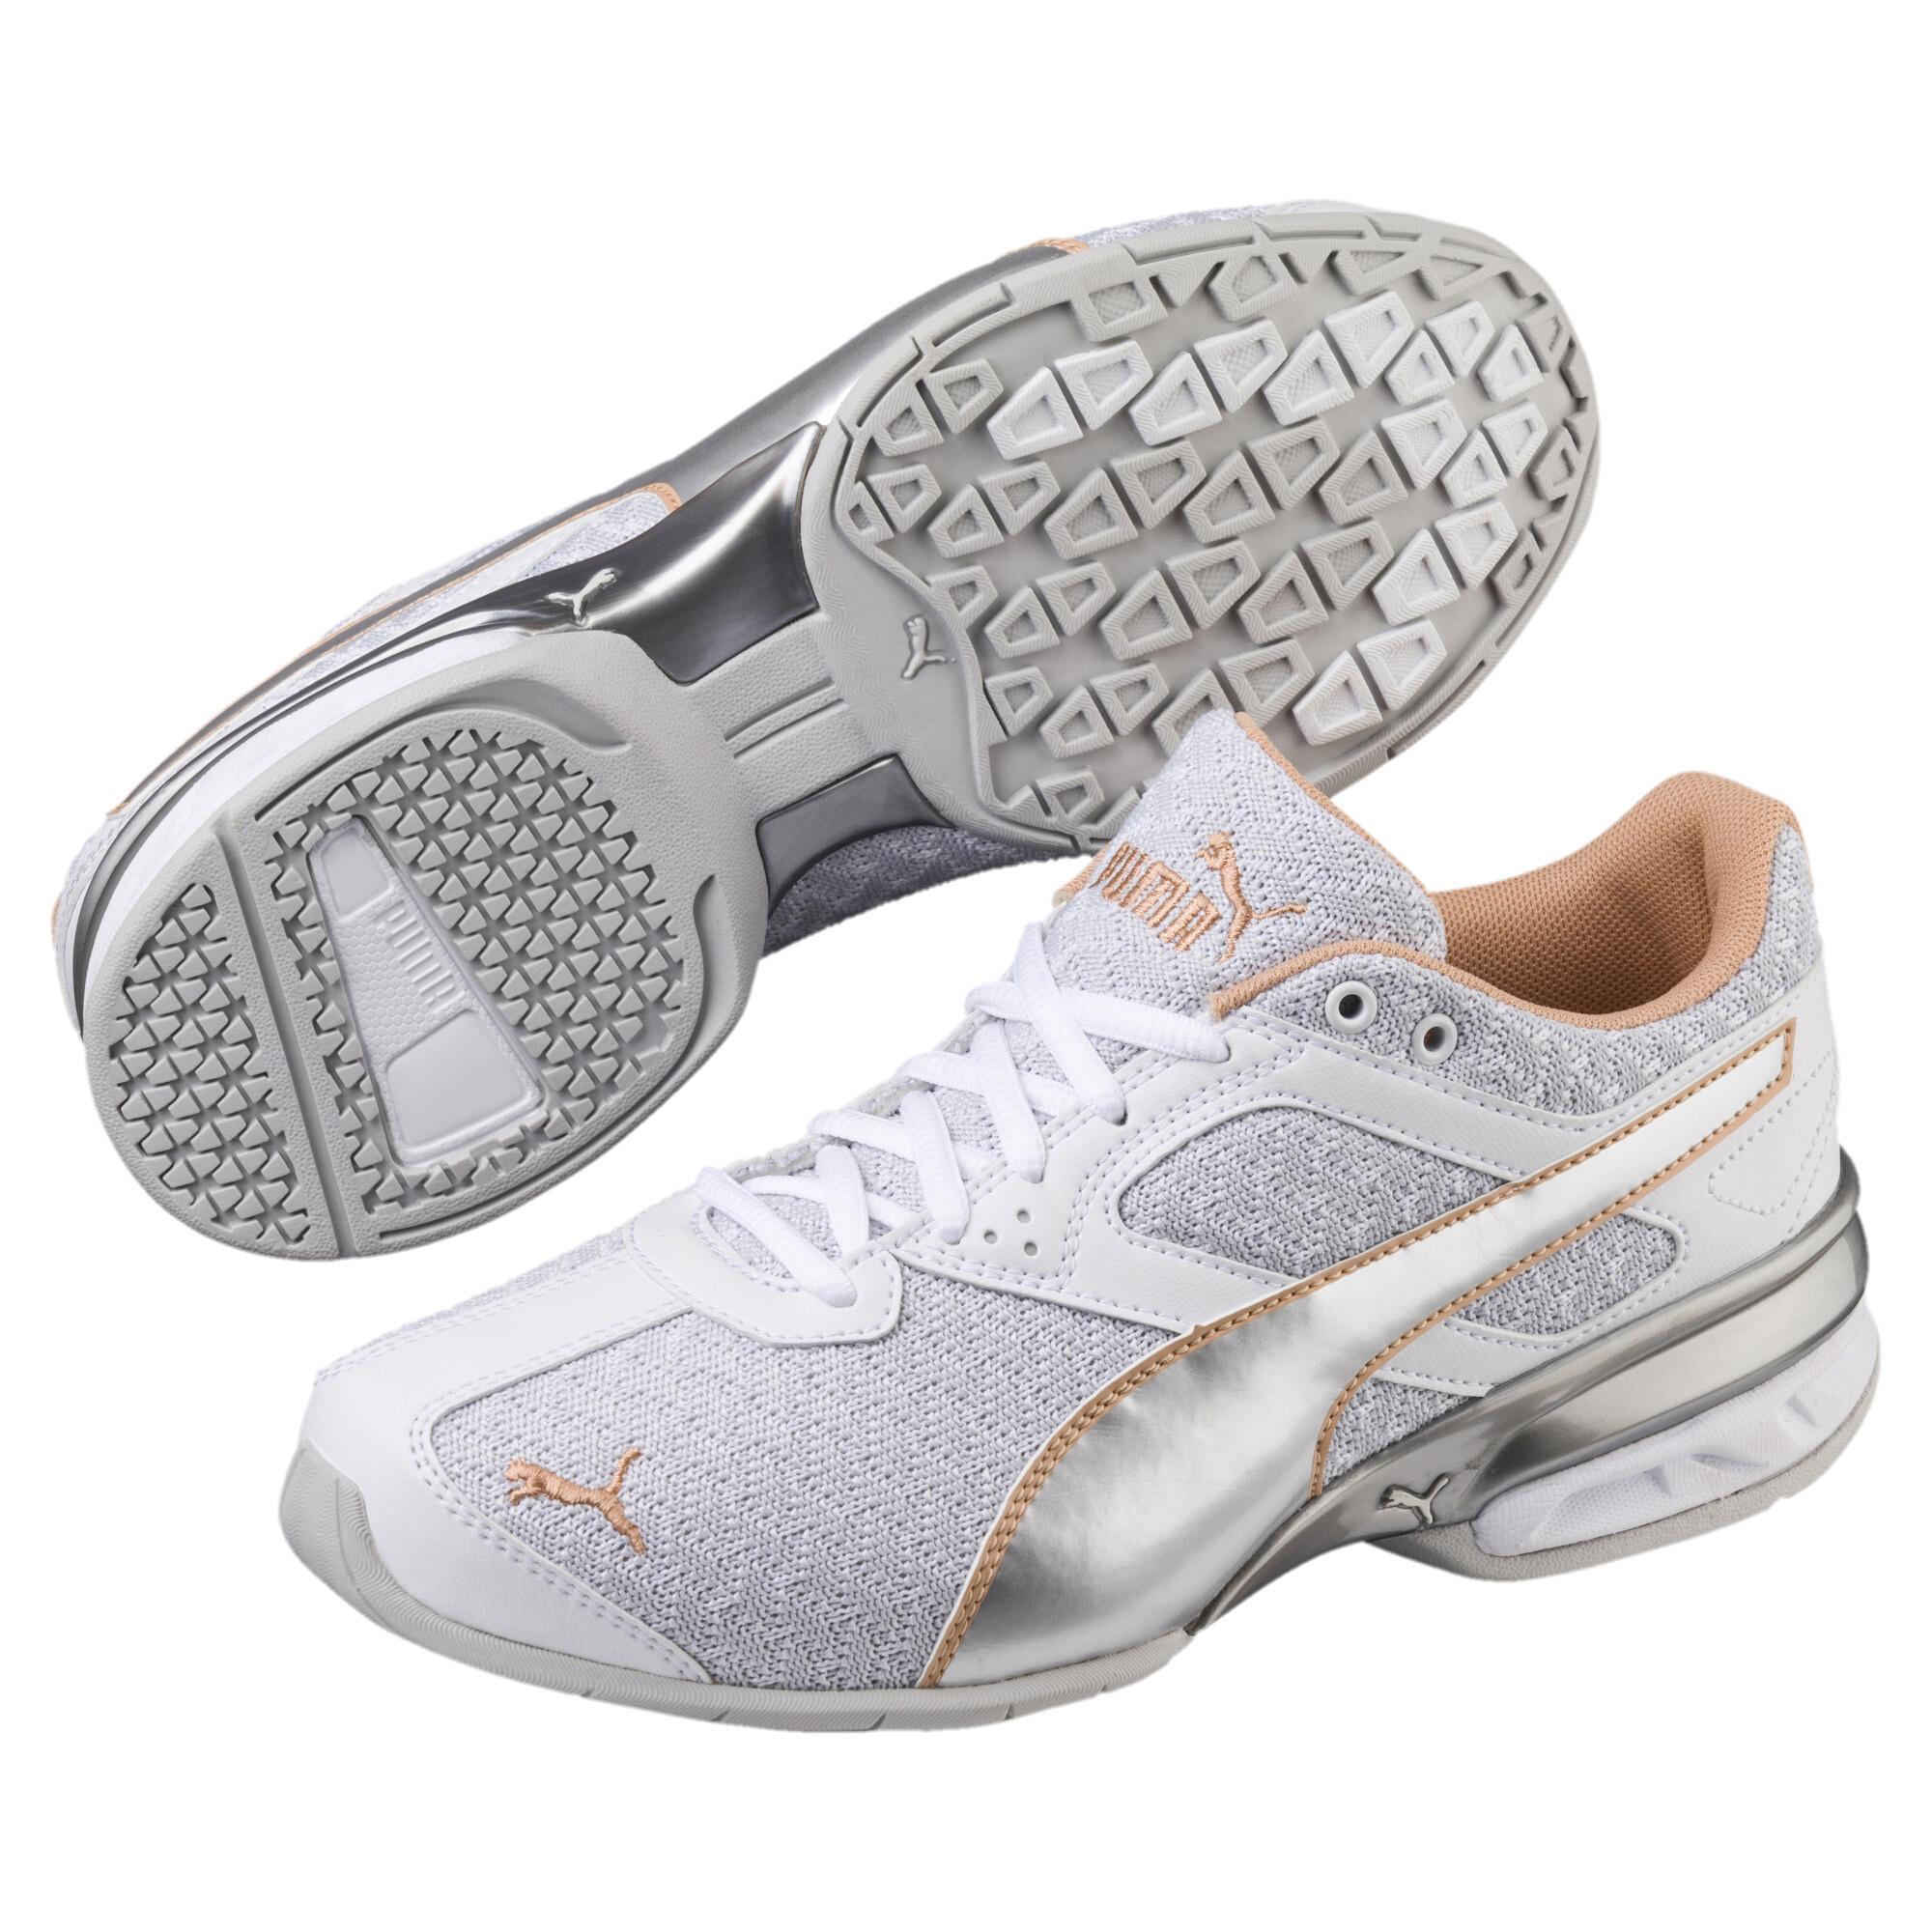 PUMA-Tazon-6-Luxe-Women-039-s-Sneakers-Women-Shoe-Running thumbnail 3